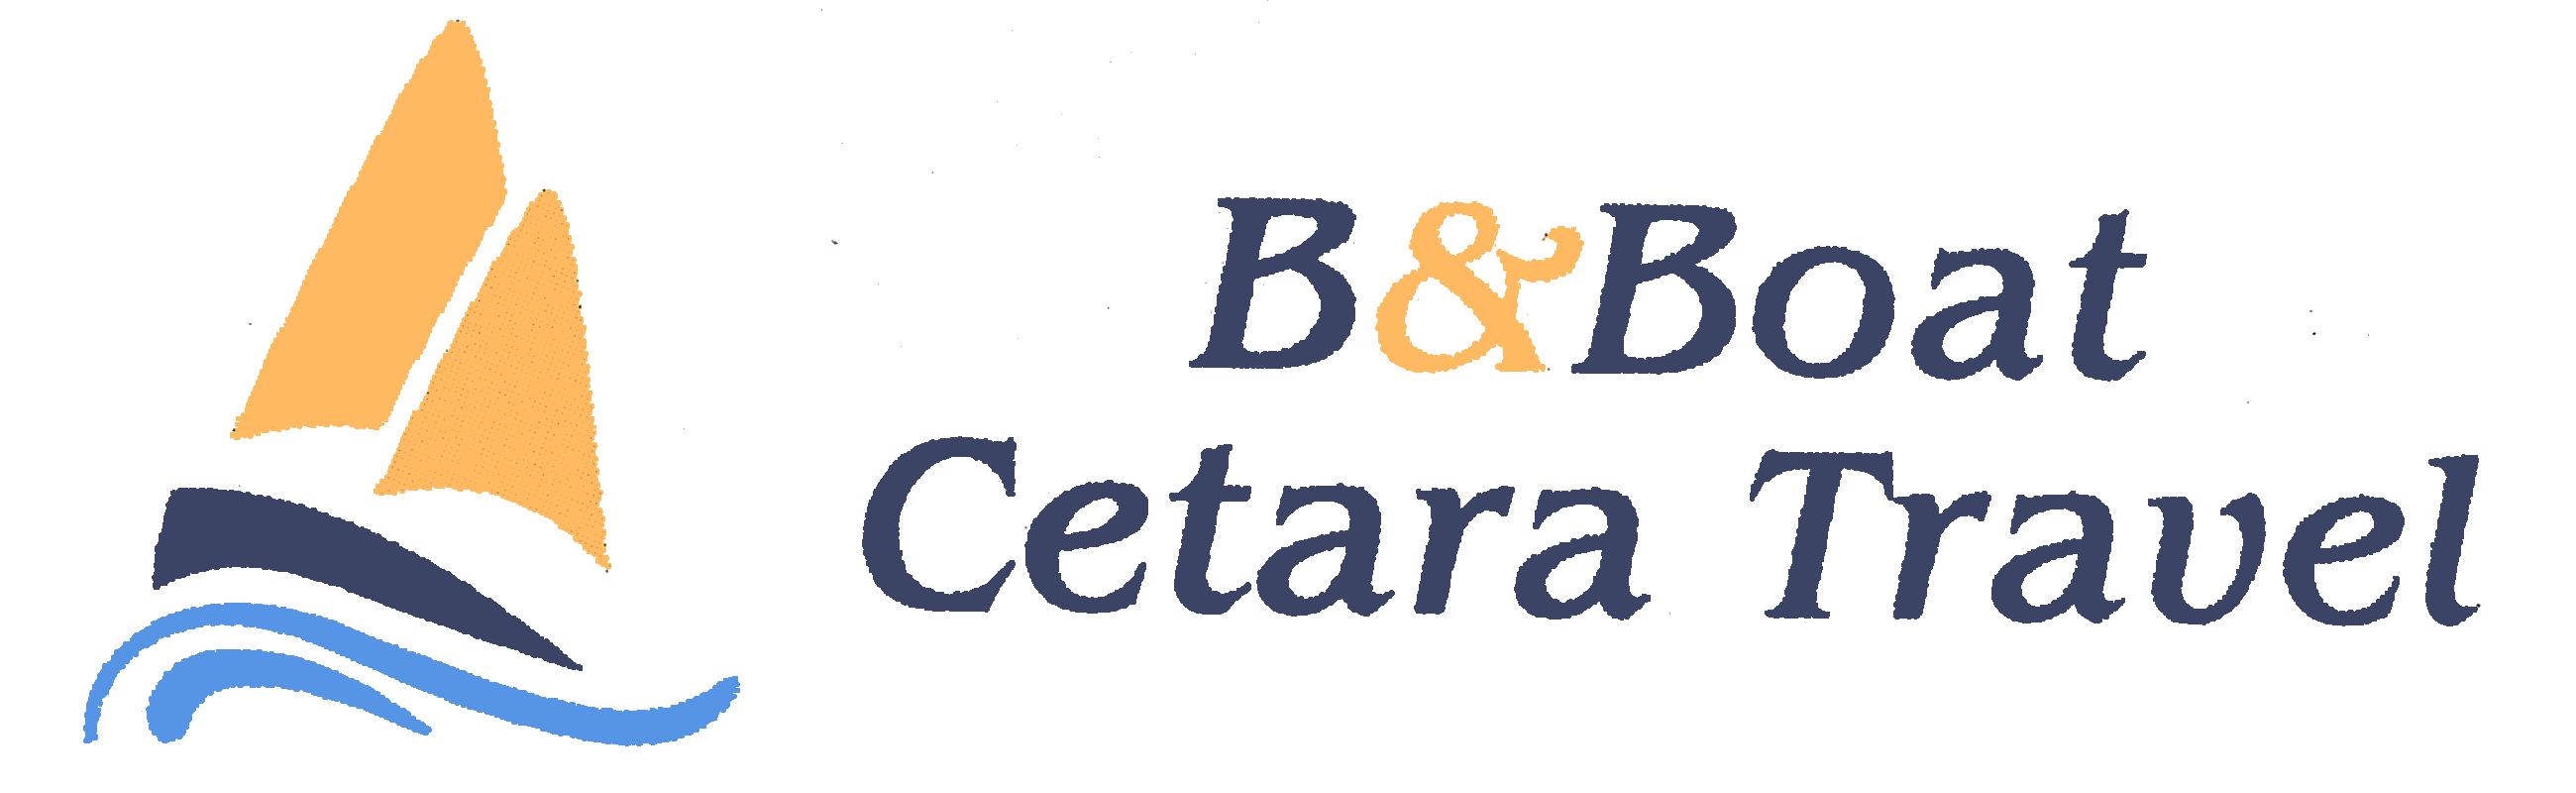 Noleggio Barche Cetara, Costiera Amalfitana